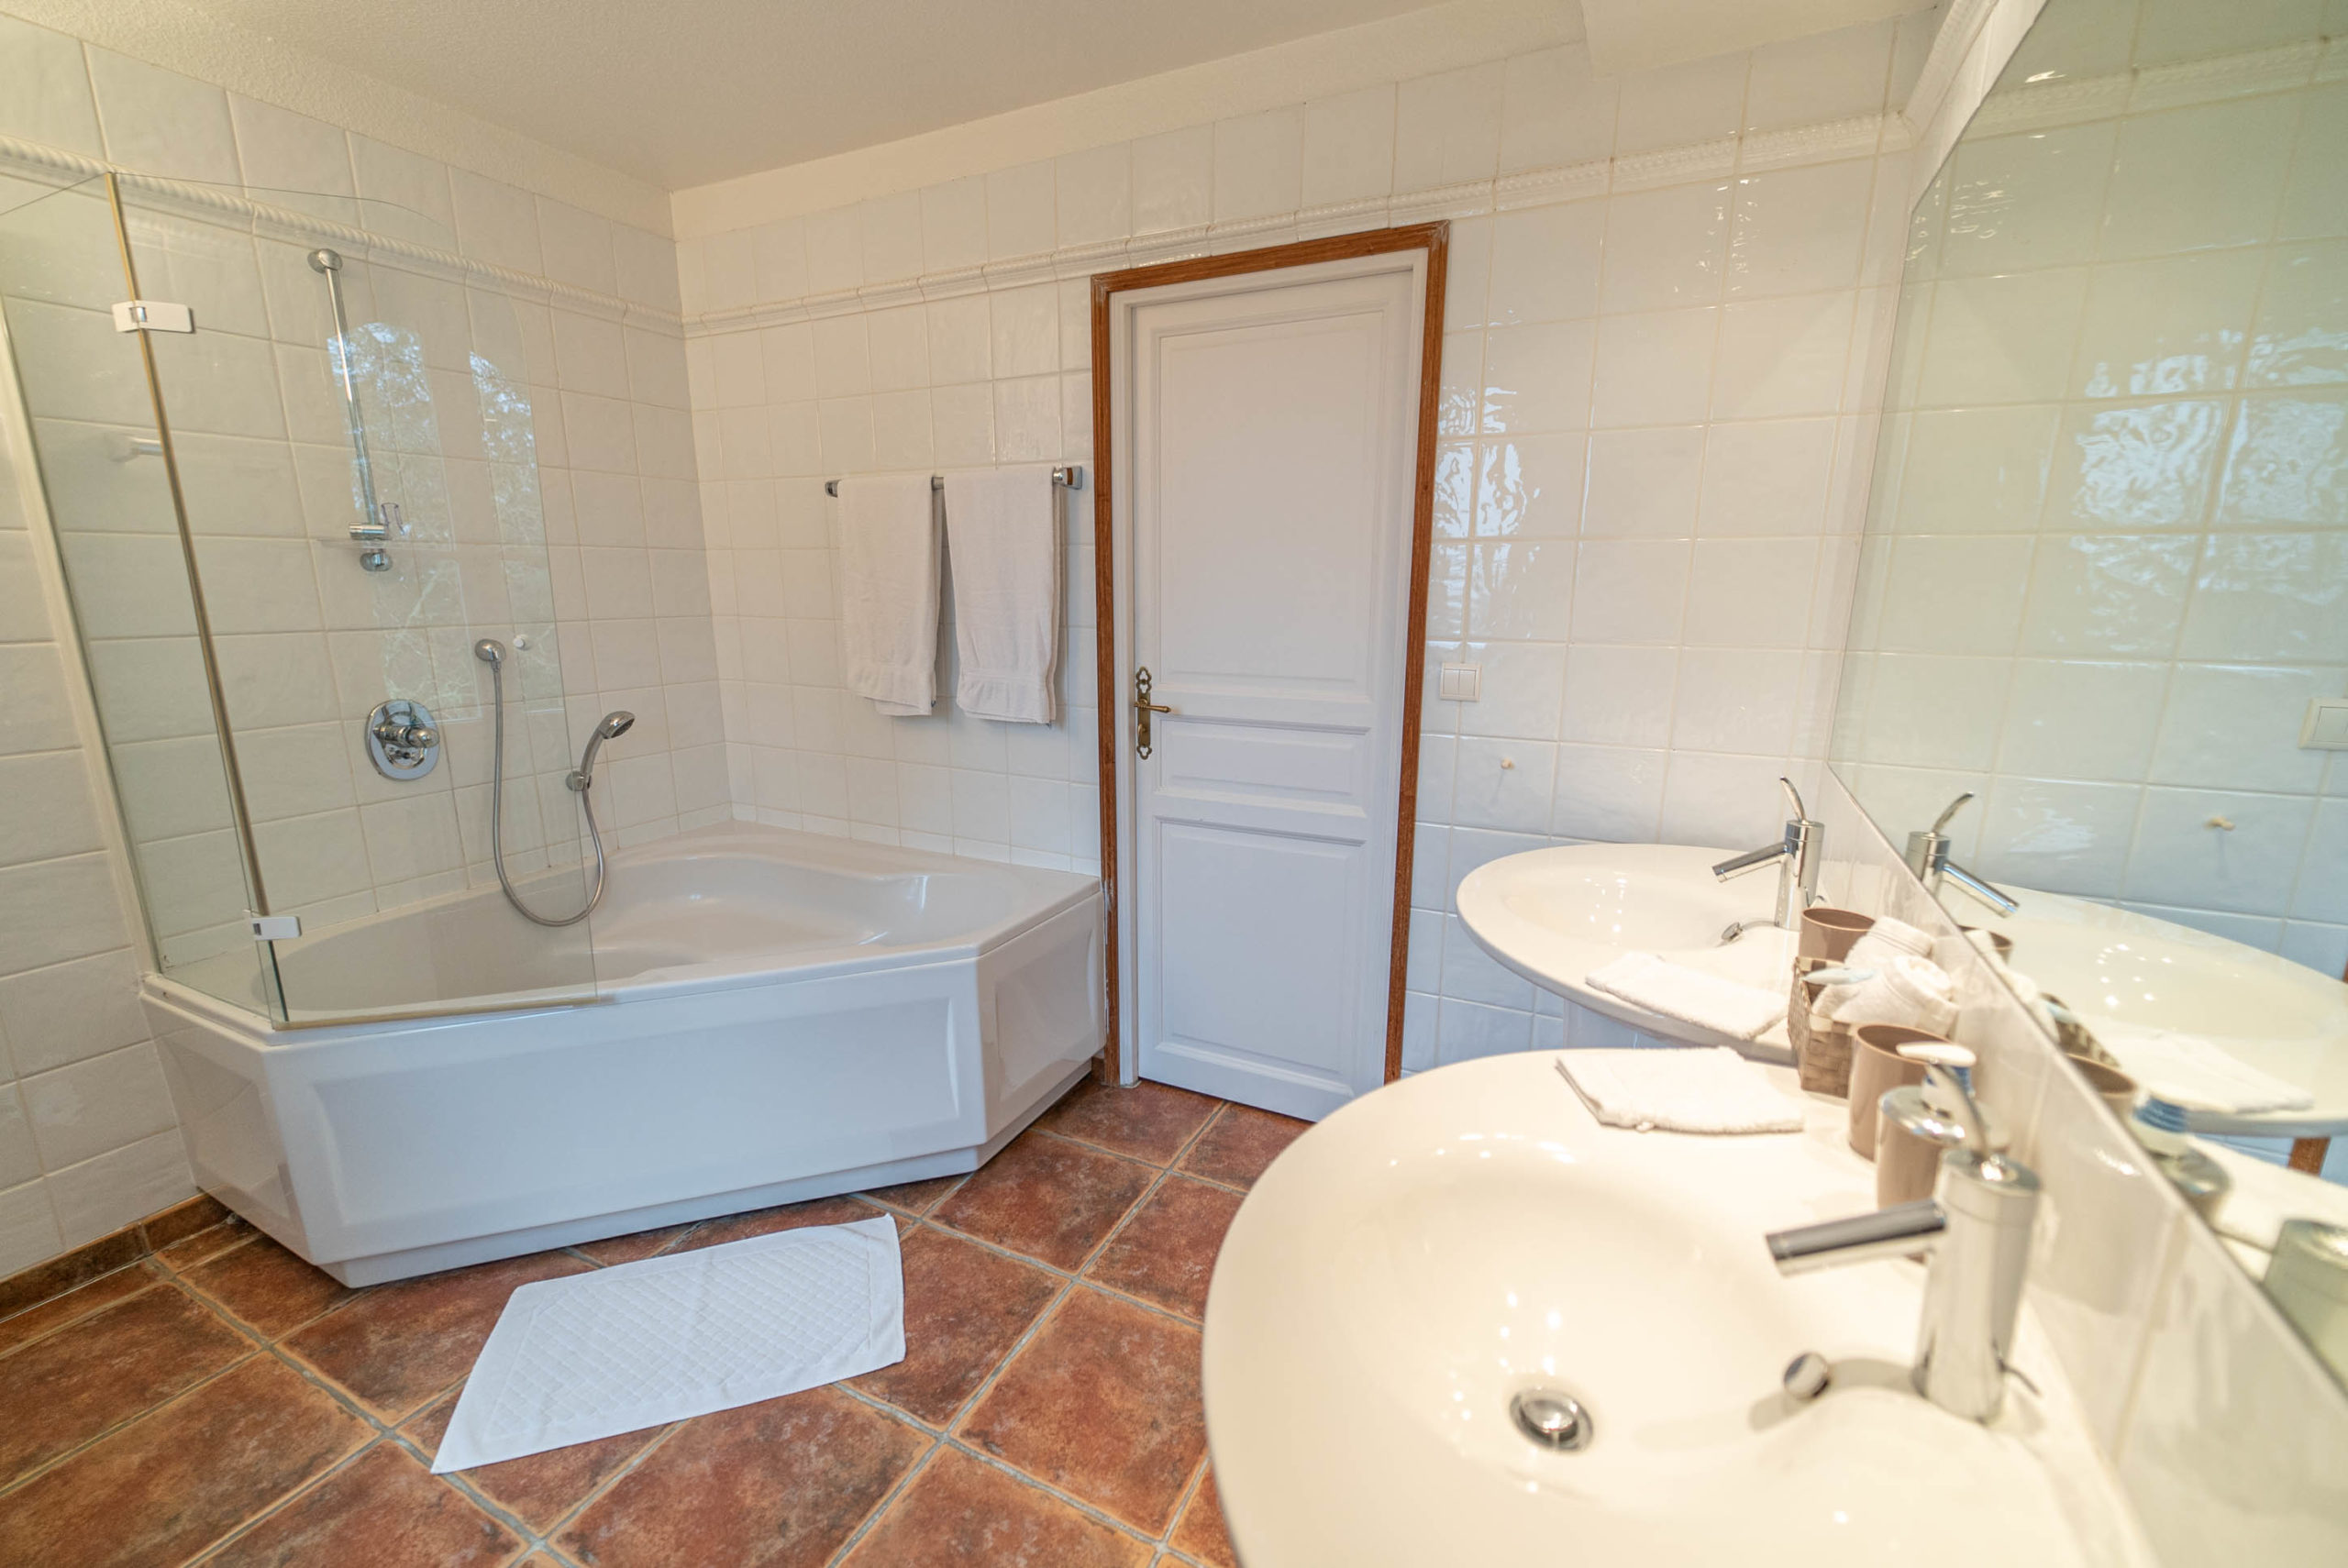 Suite du marquis Salle de bain chateau Rauly location bergerac Monbazillac